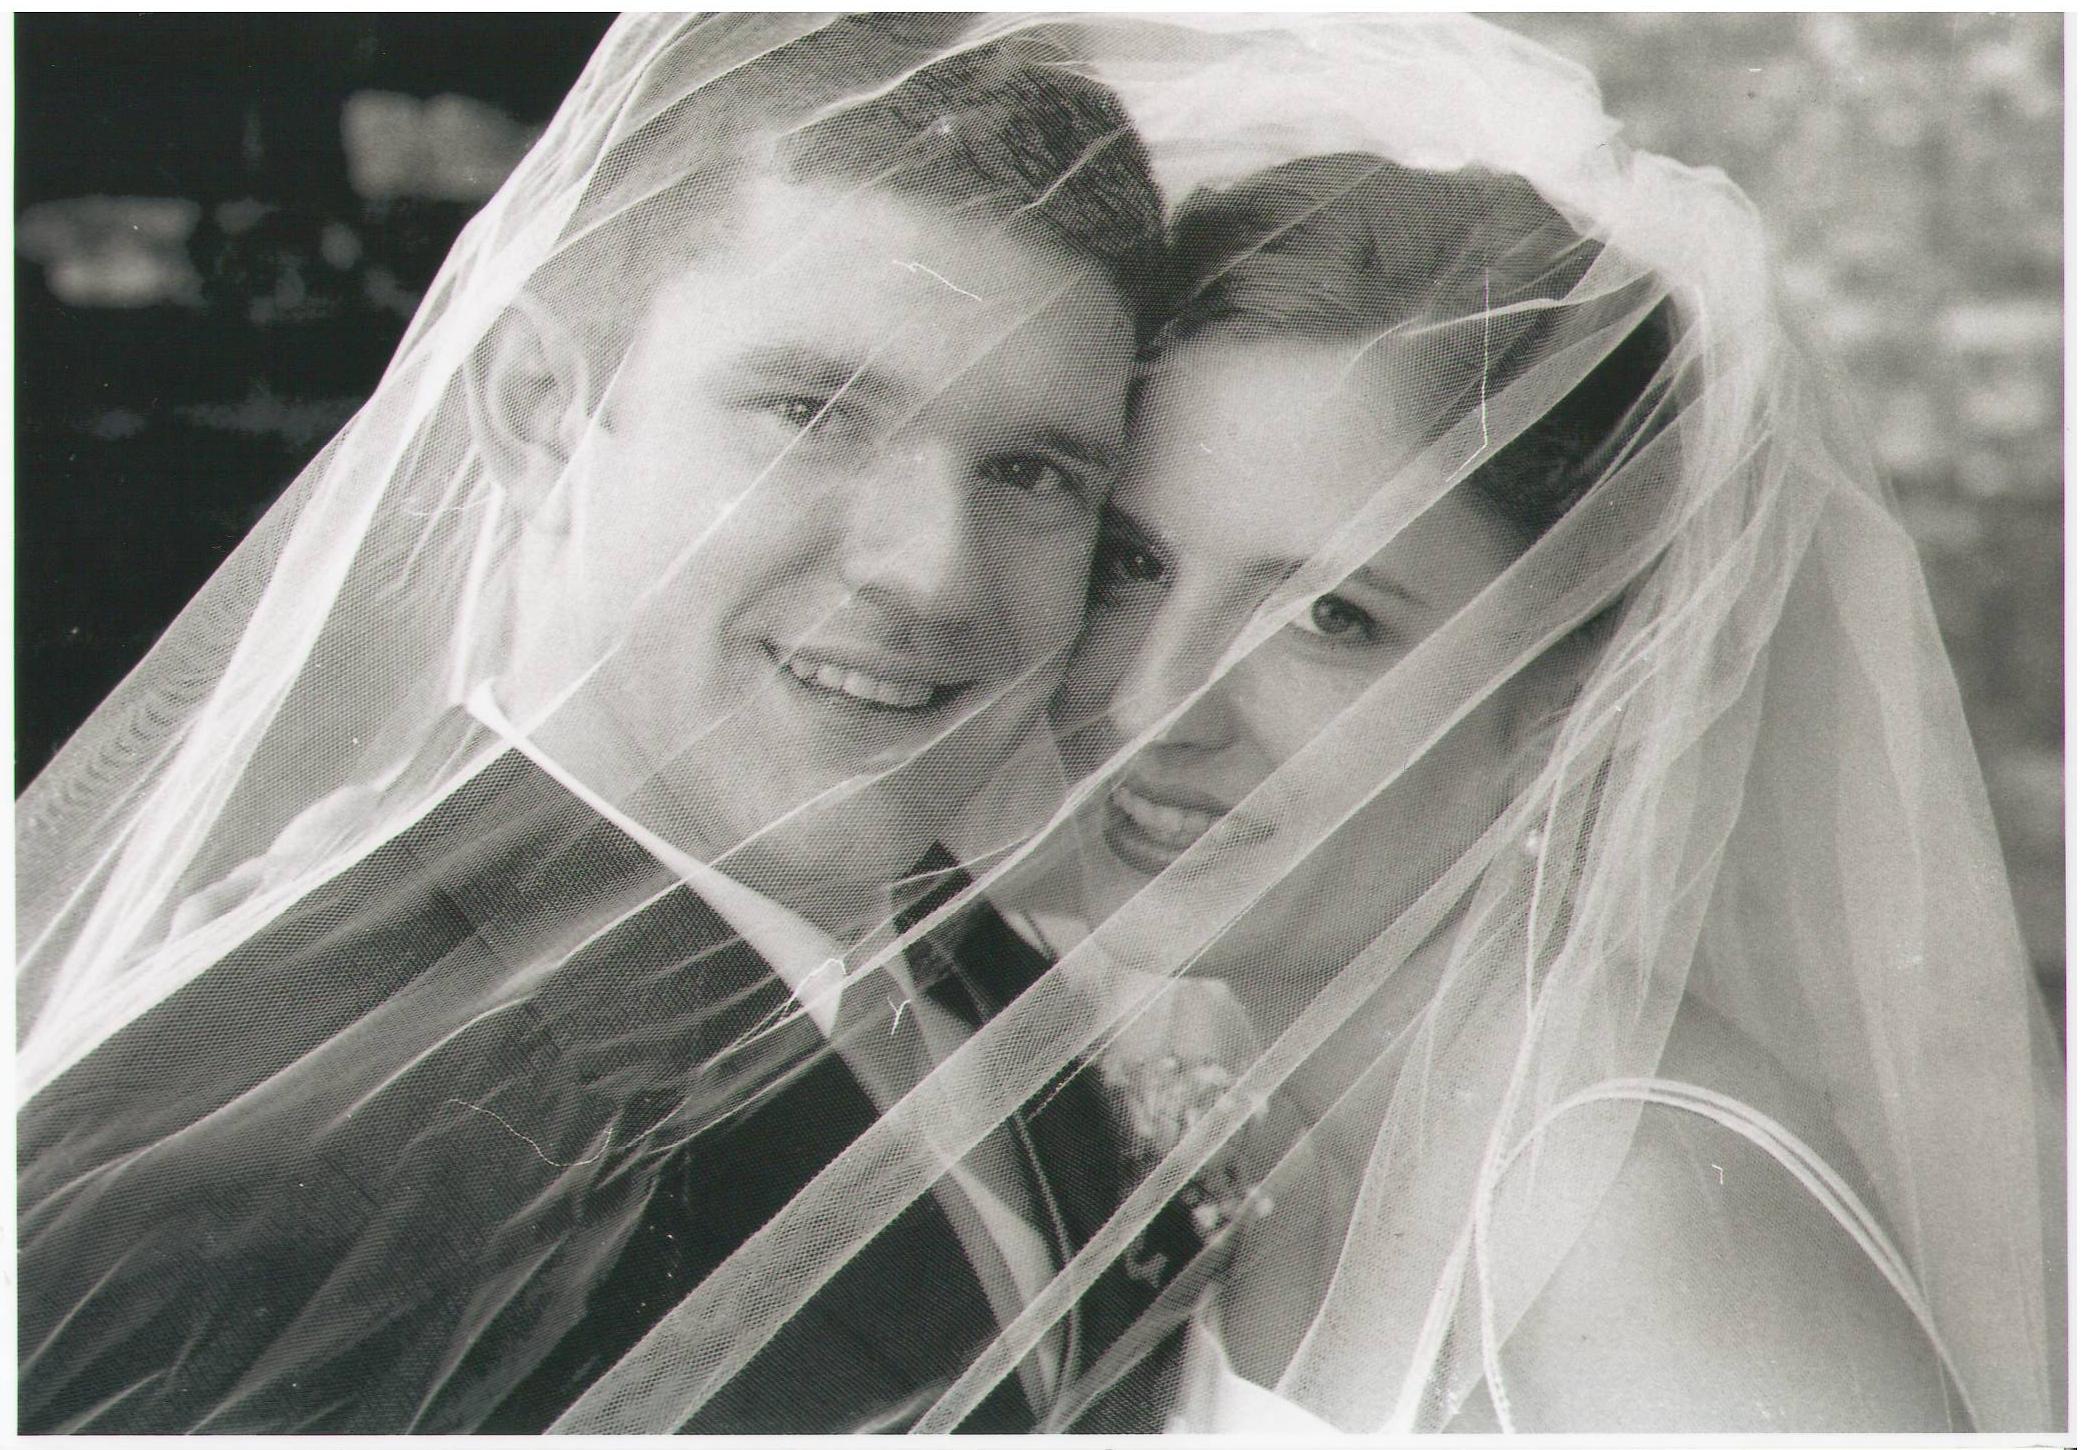 عـَشـَر َة سـِنين مـَع َ بـَعض – Ten years together